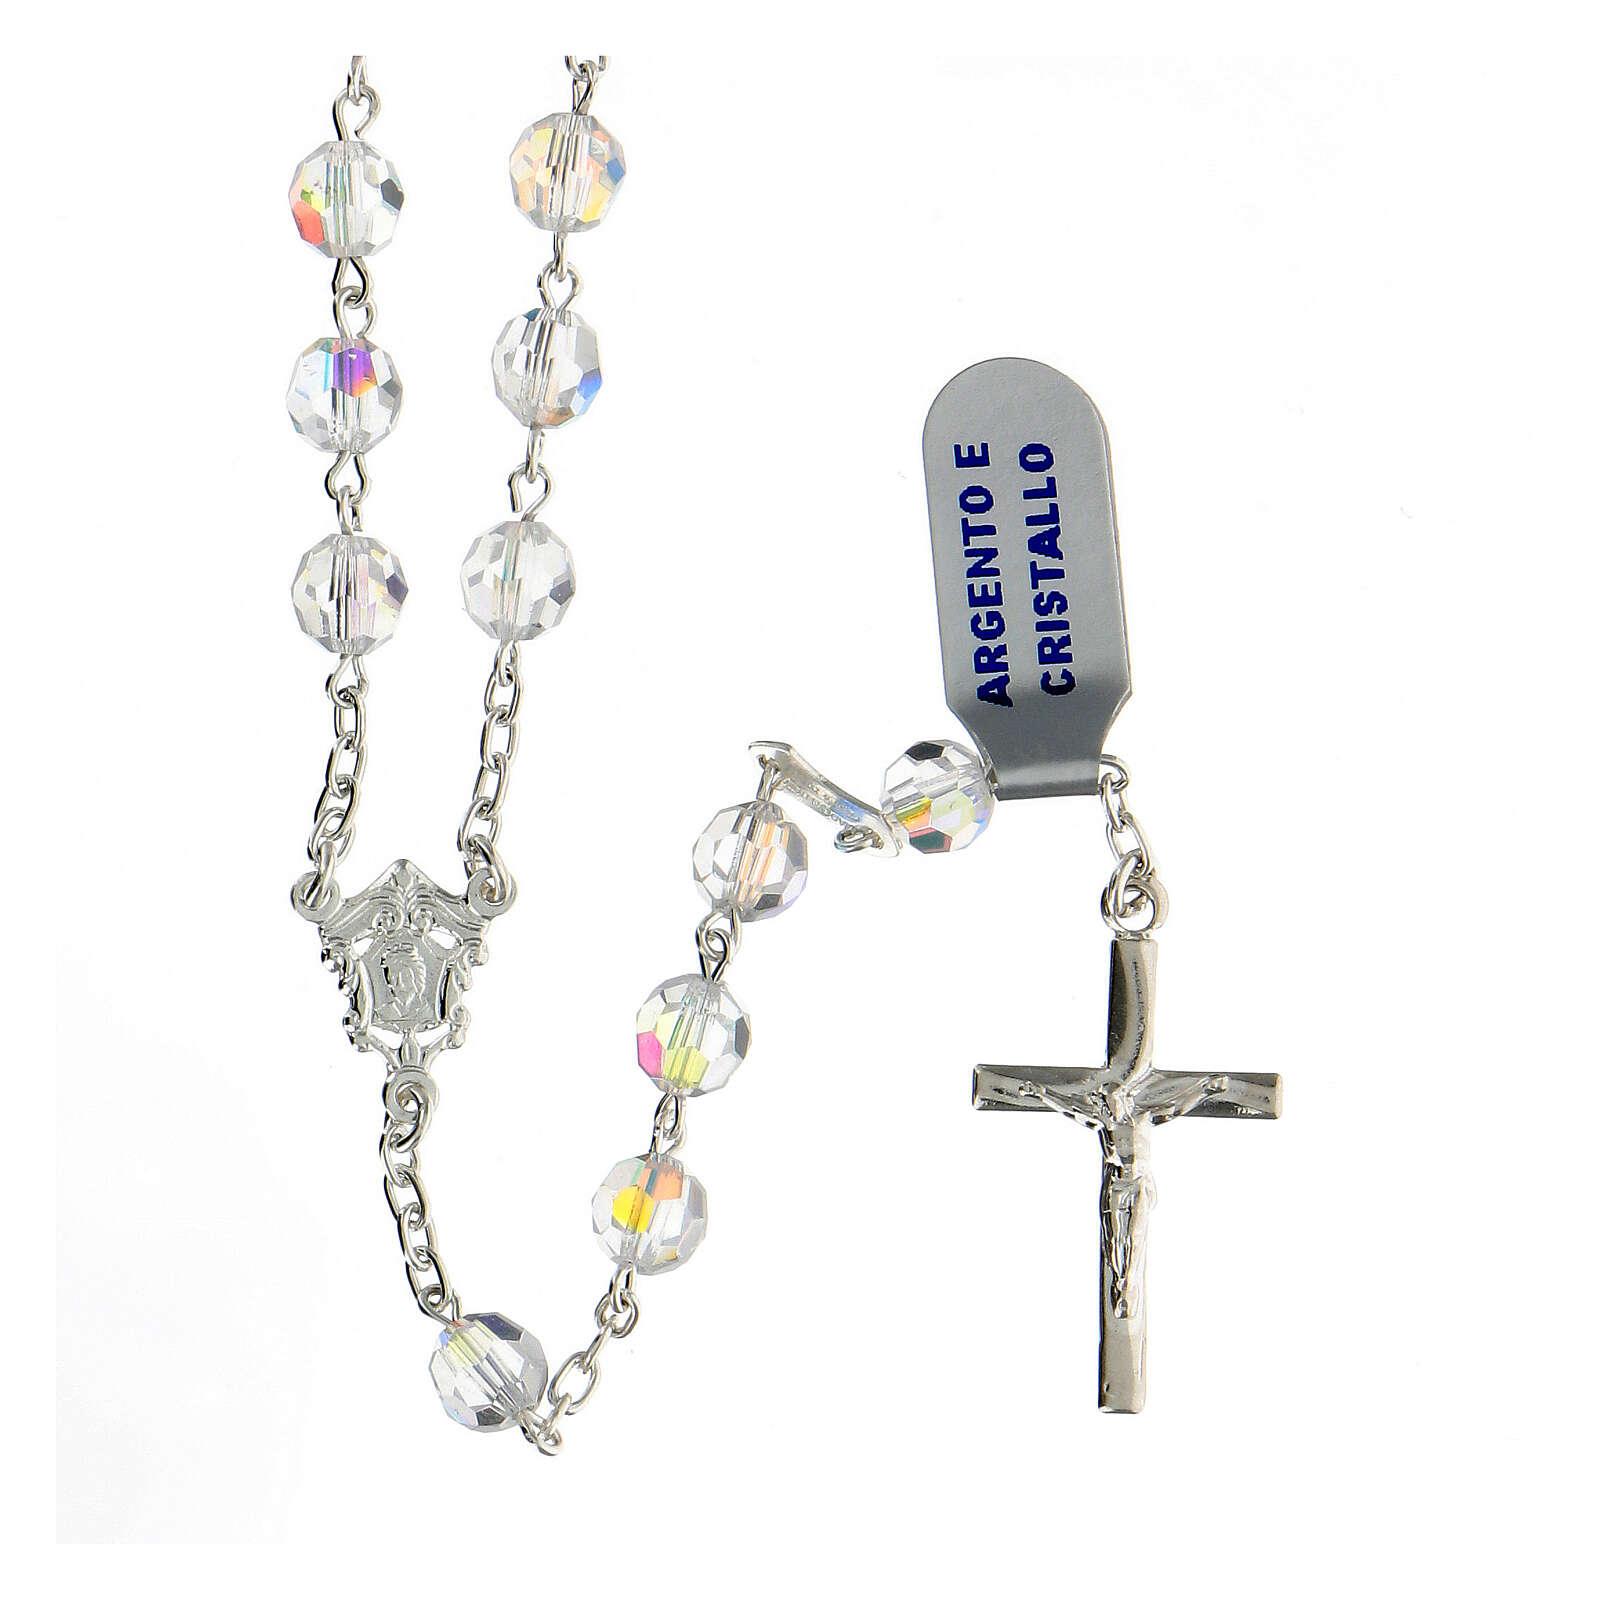 Terço prata 925 contas cristal branco 6 mm com crucifixo moderno 4